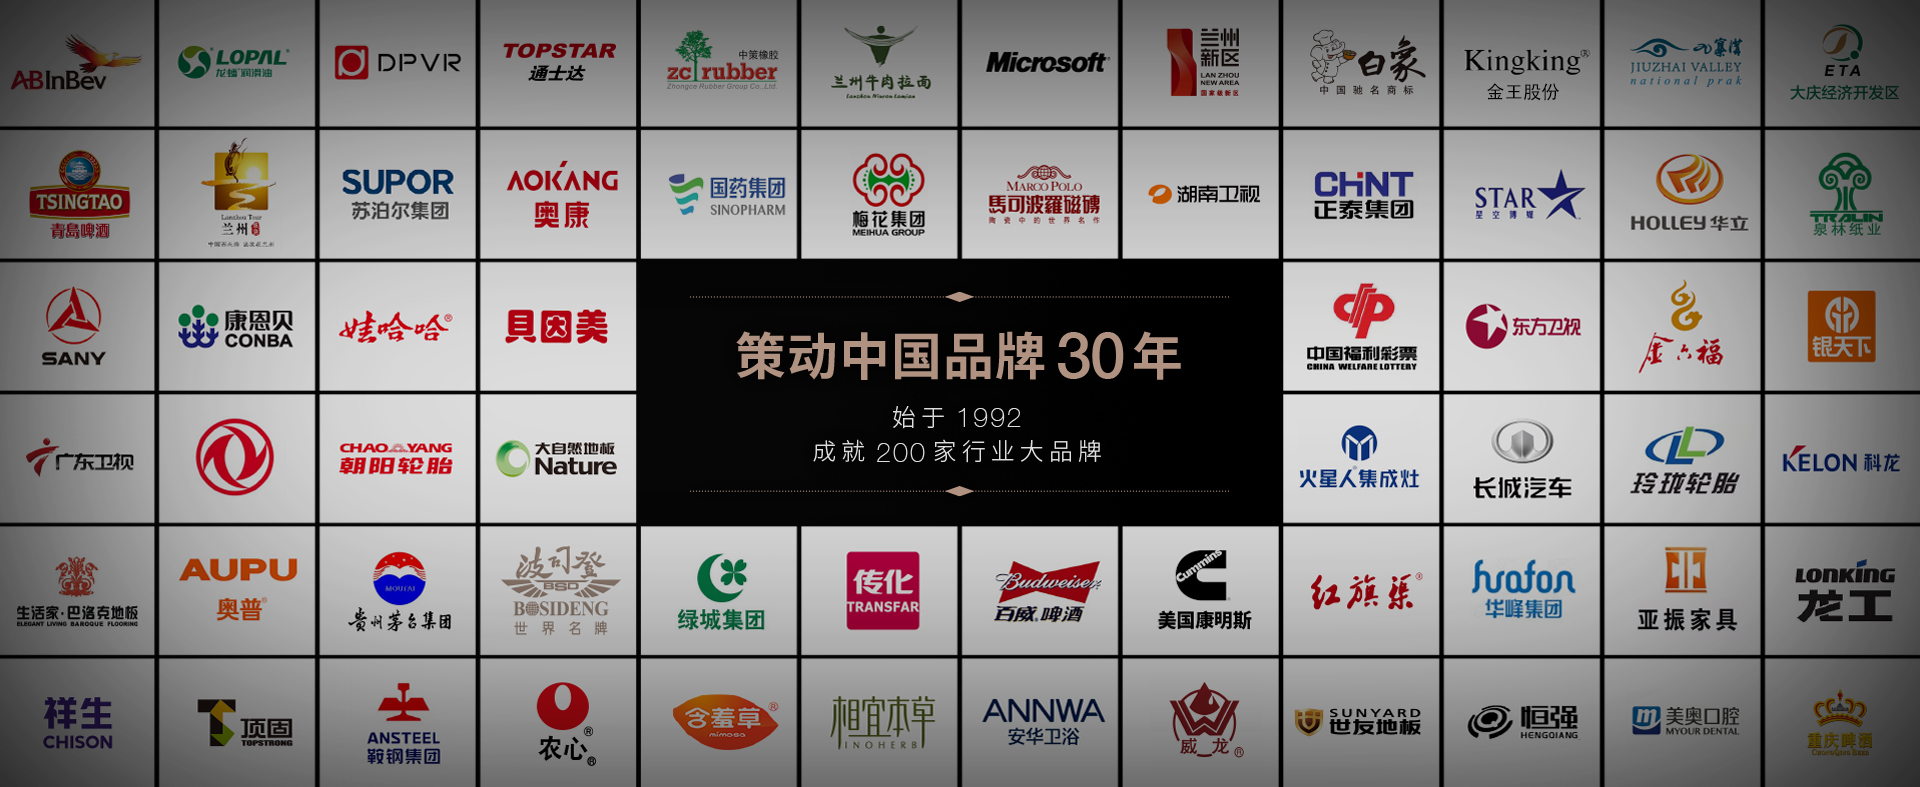 上海品牌策划公司-品牌营销咨询-品牌战略规划